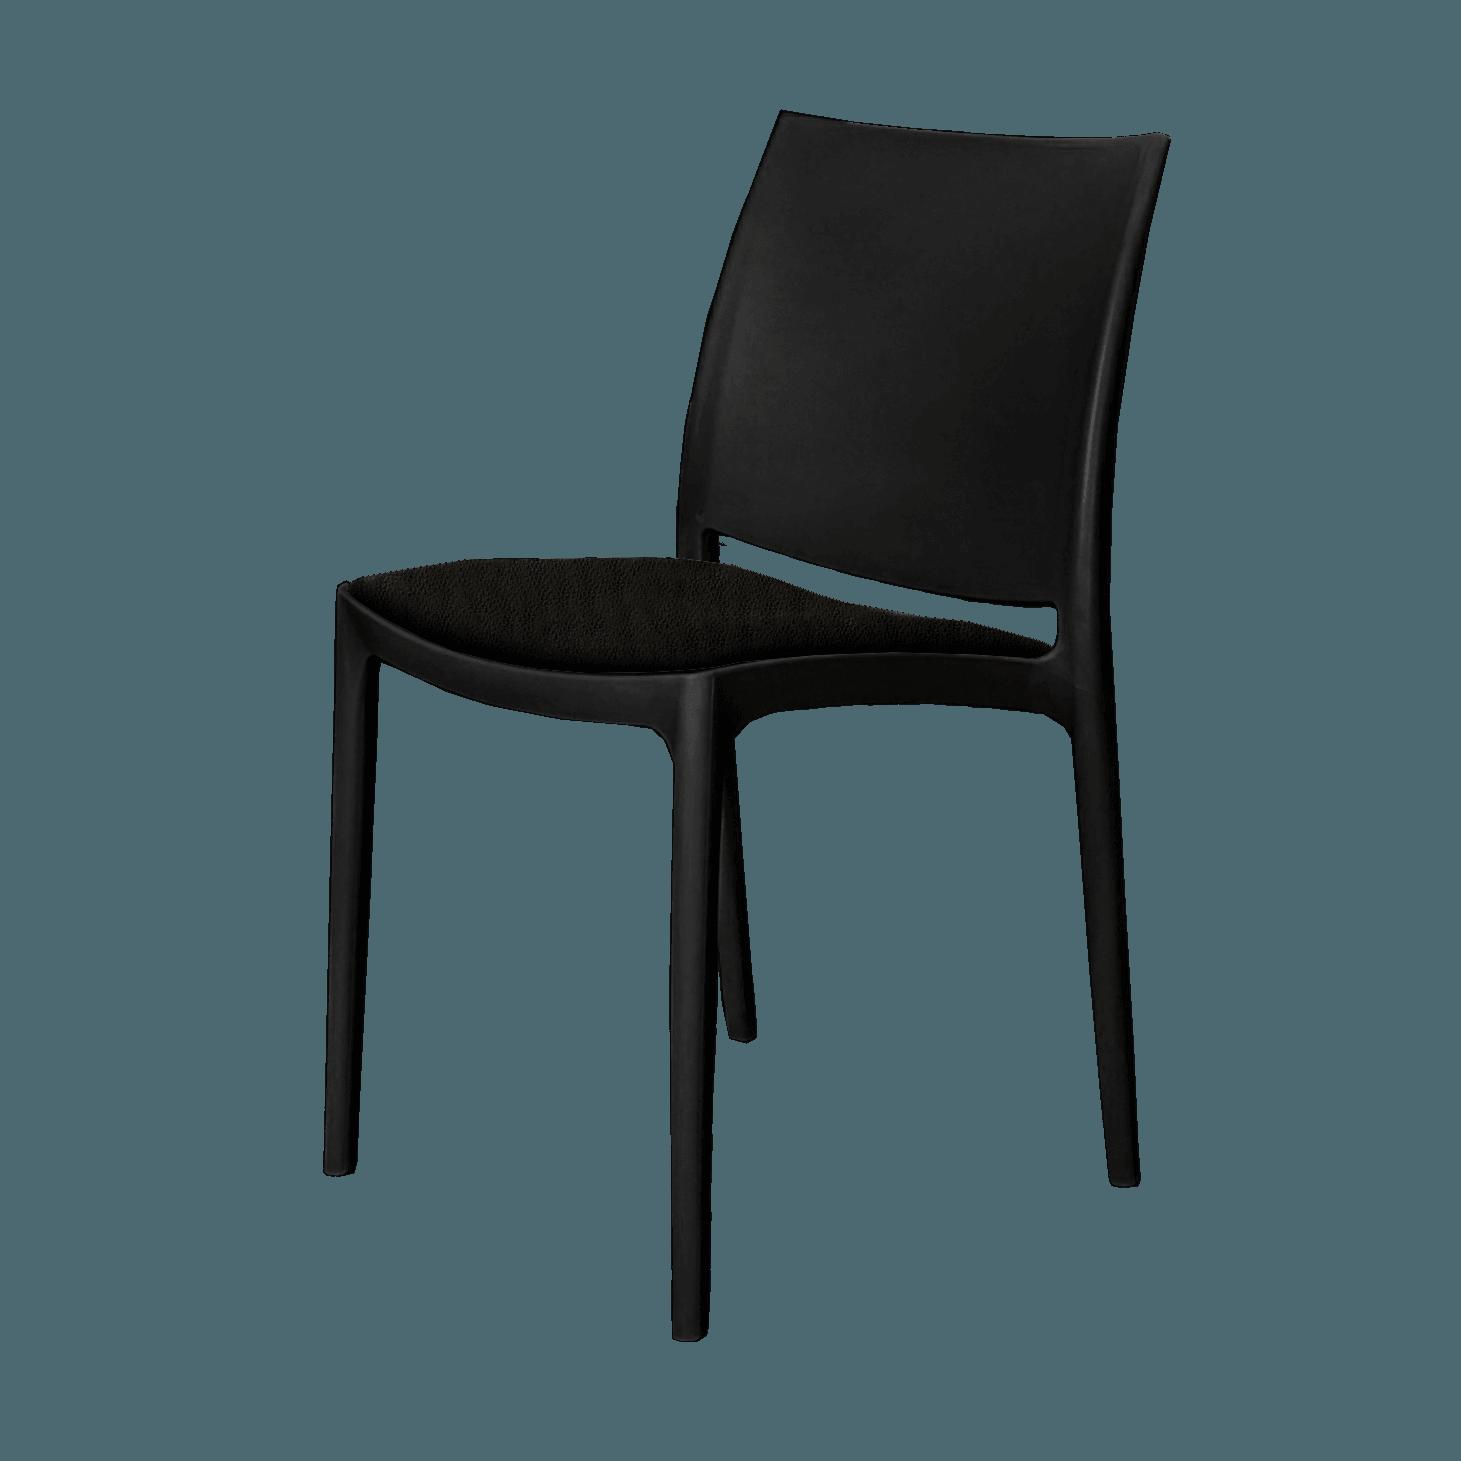 mayachair cushion black 1